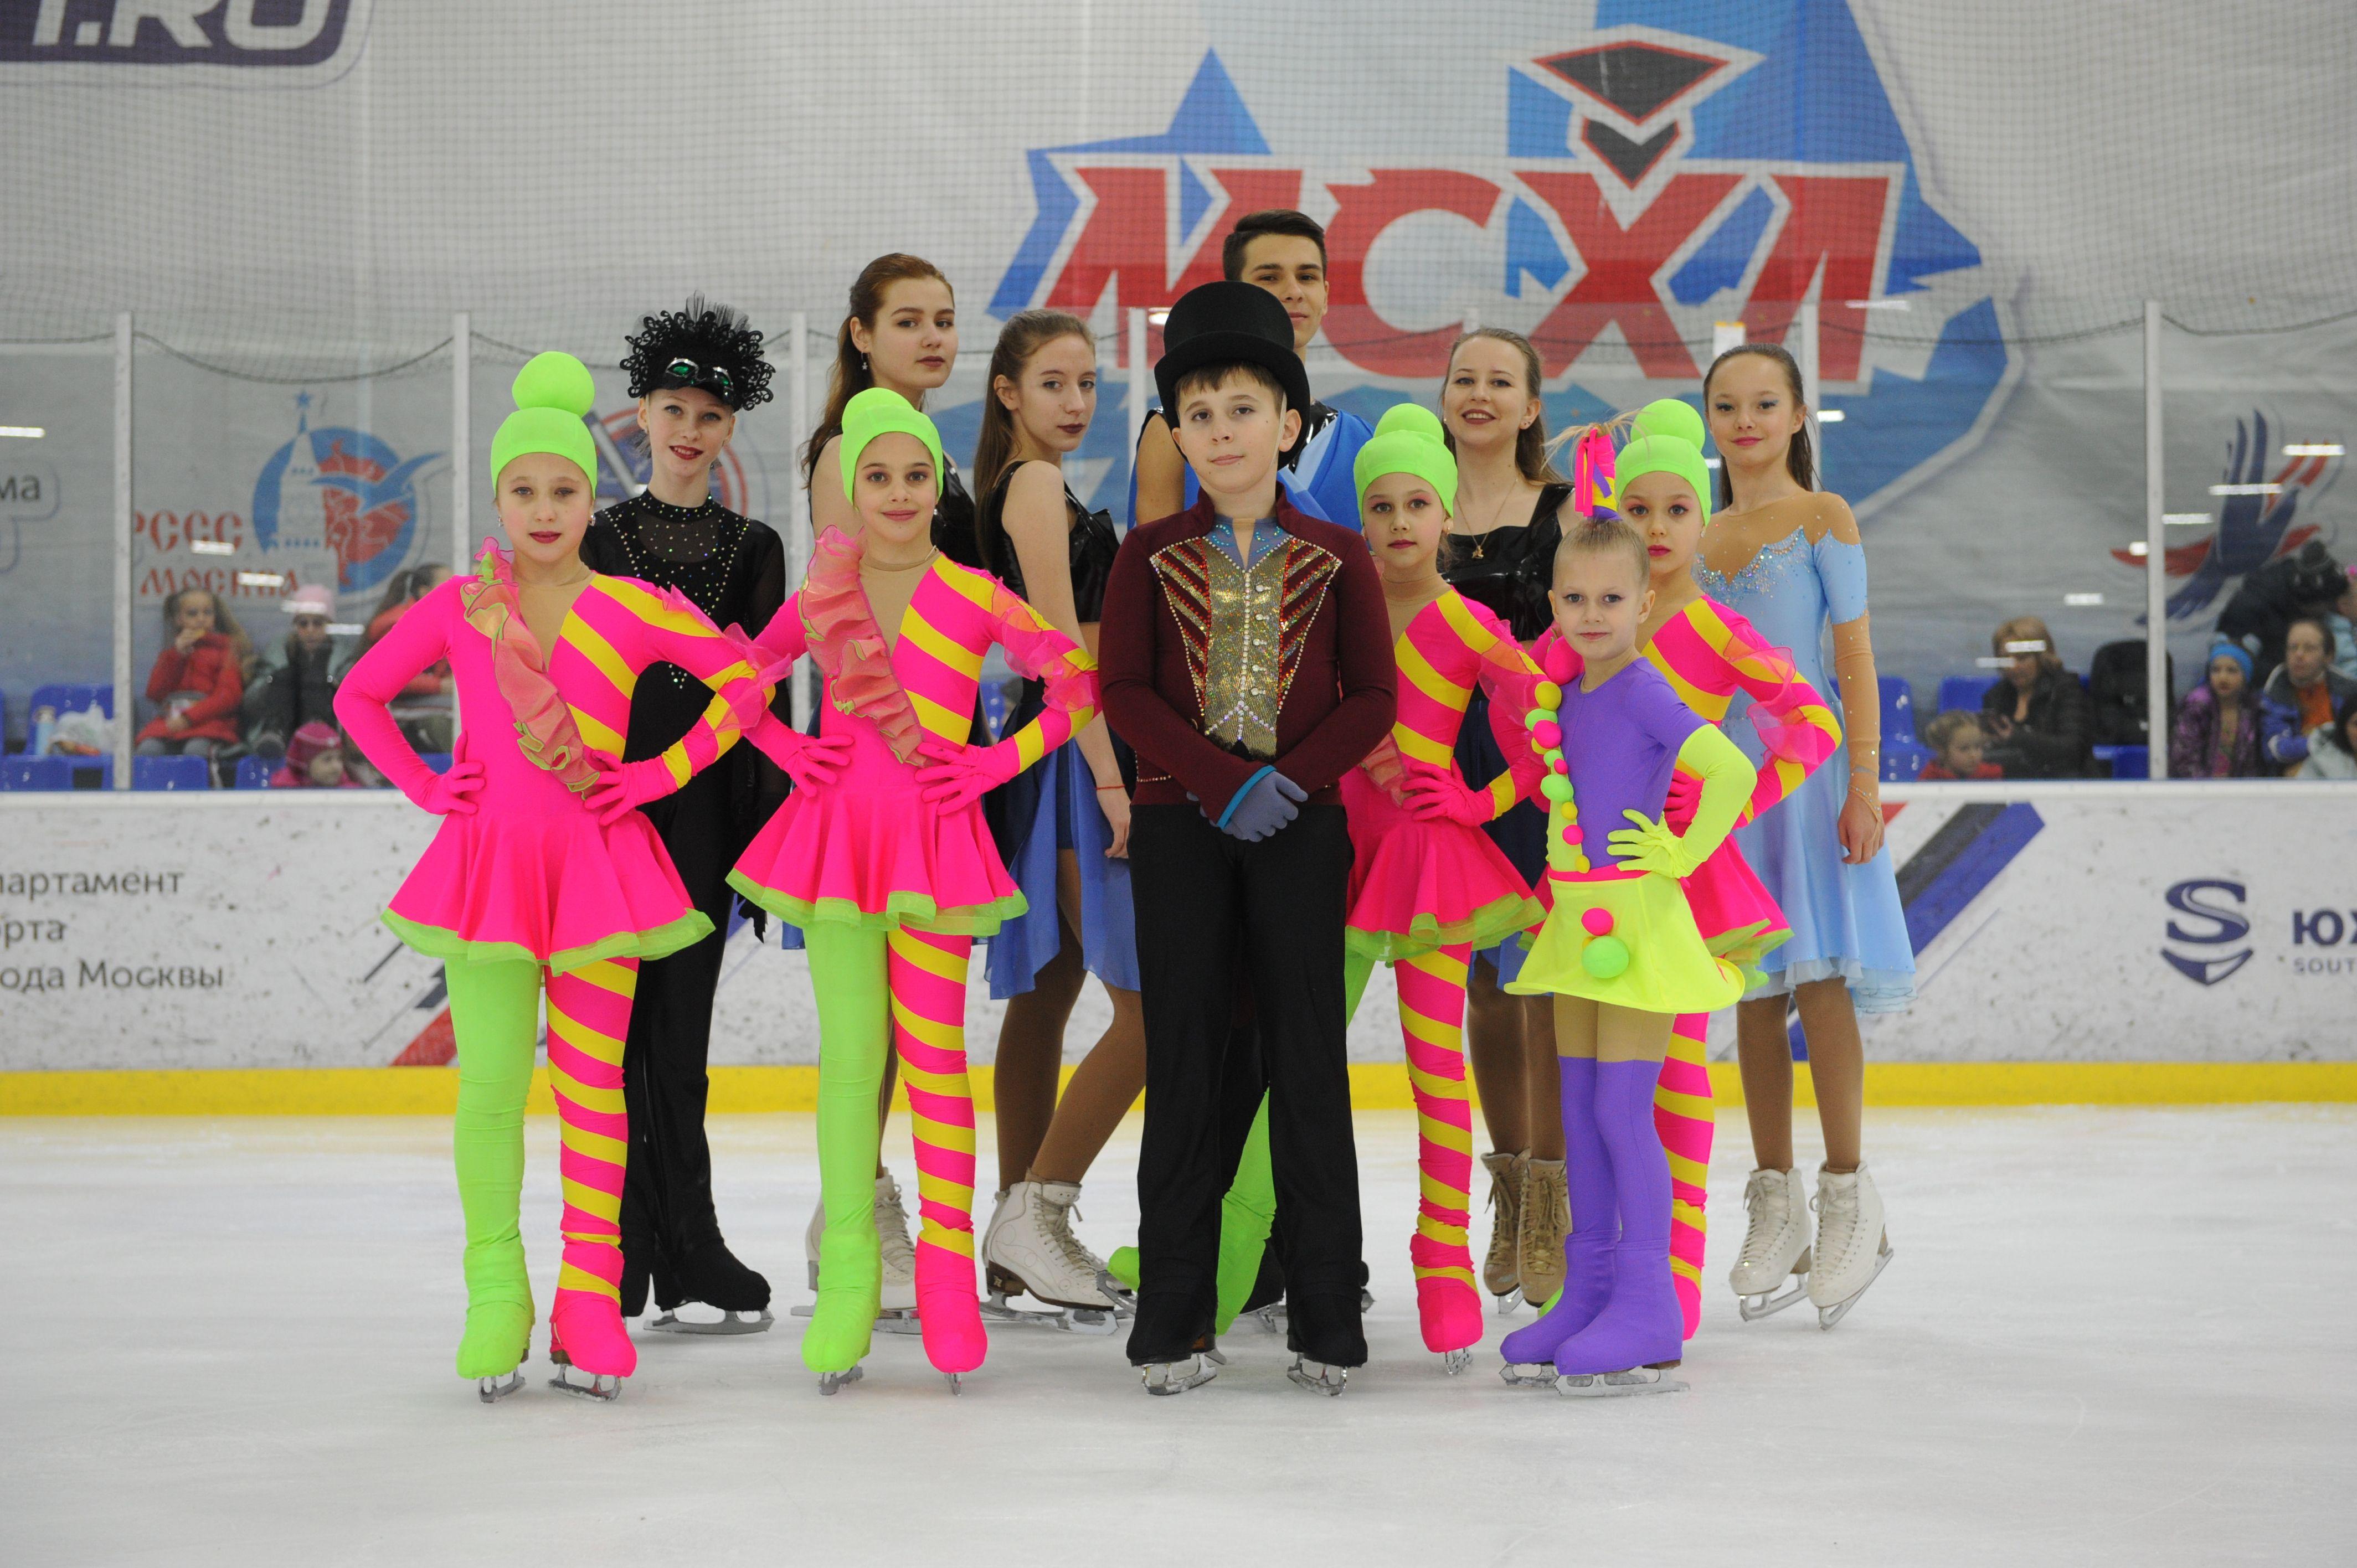 Балет на льду продемонстрировали танцевальные коллективы на соревнованиях в Щербинке